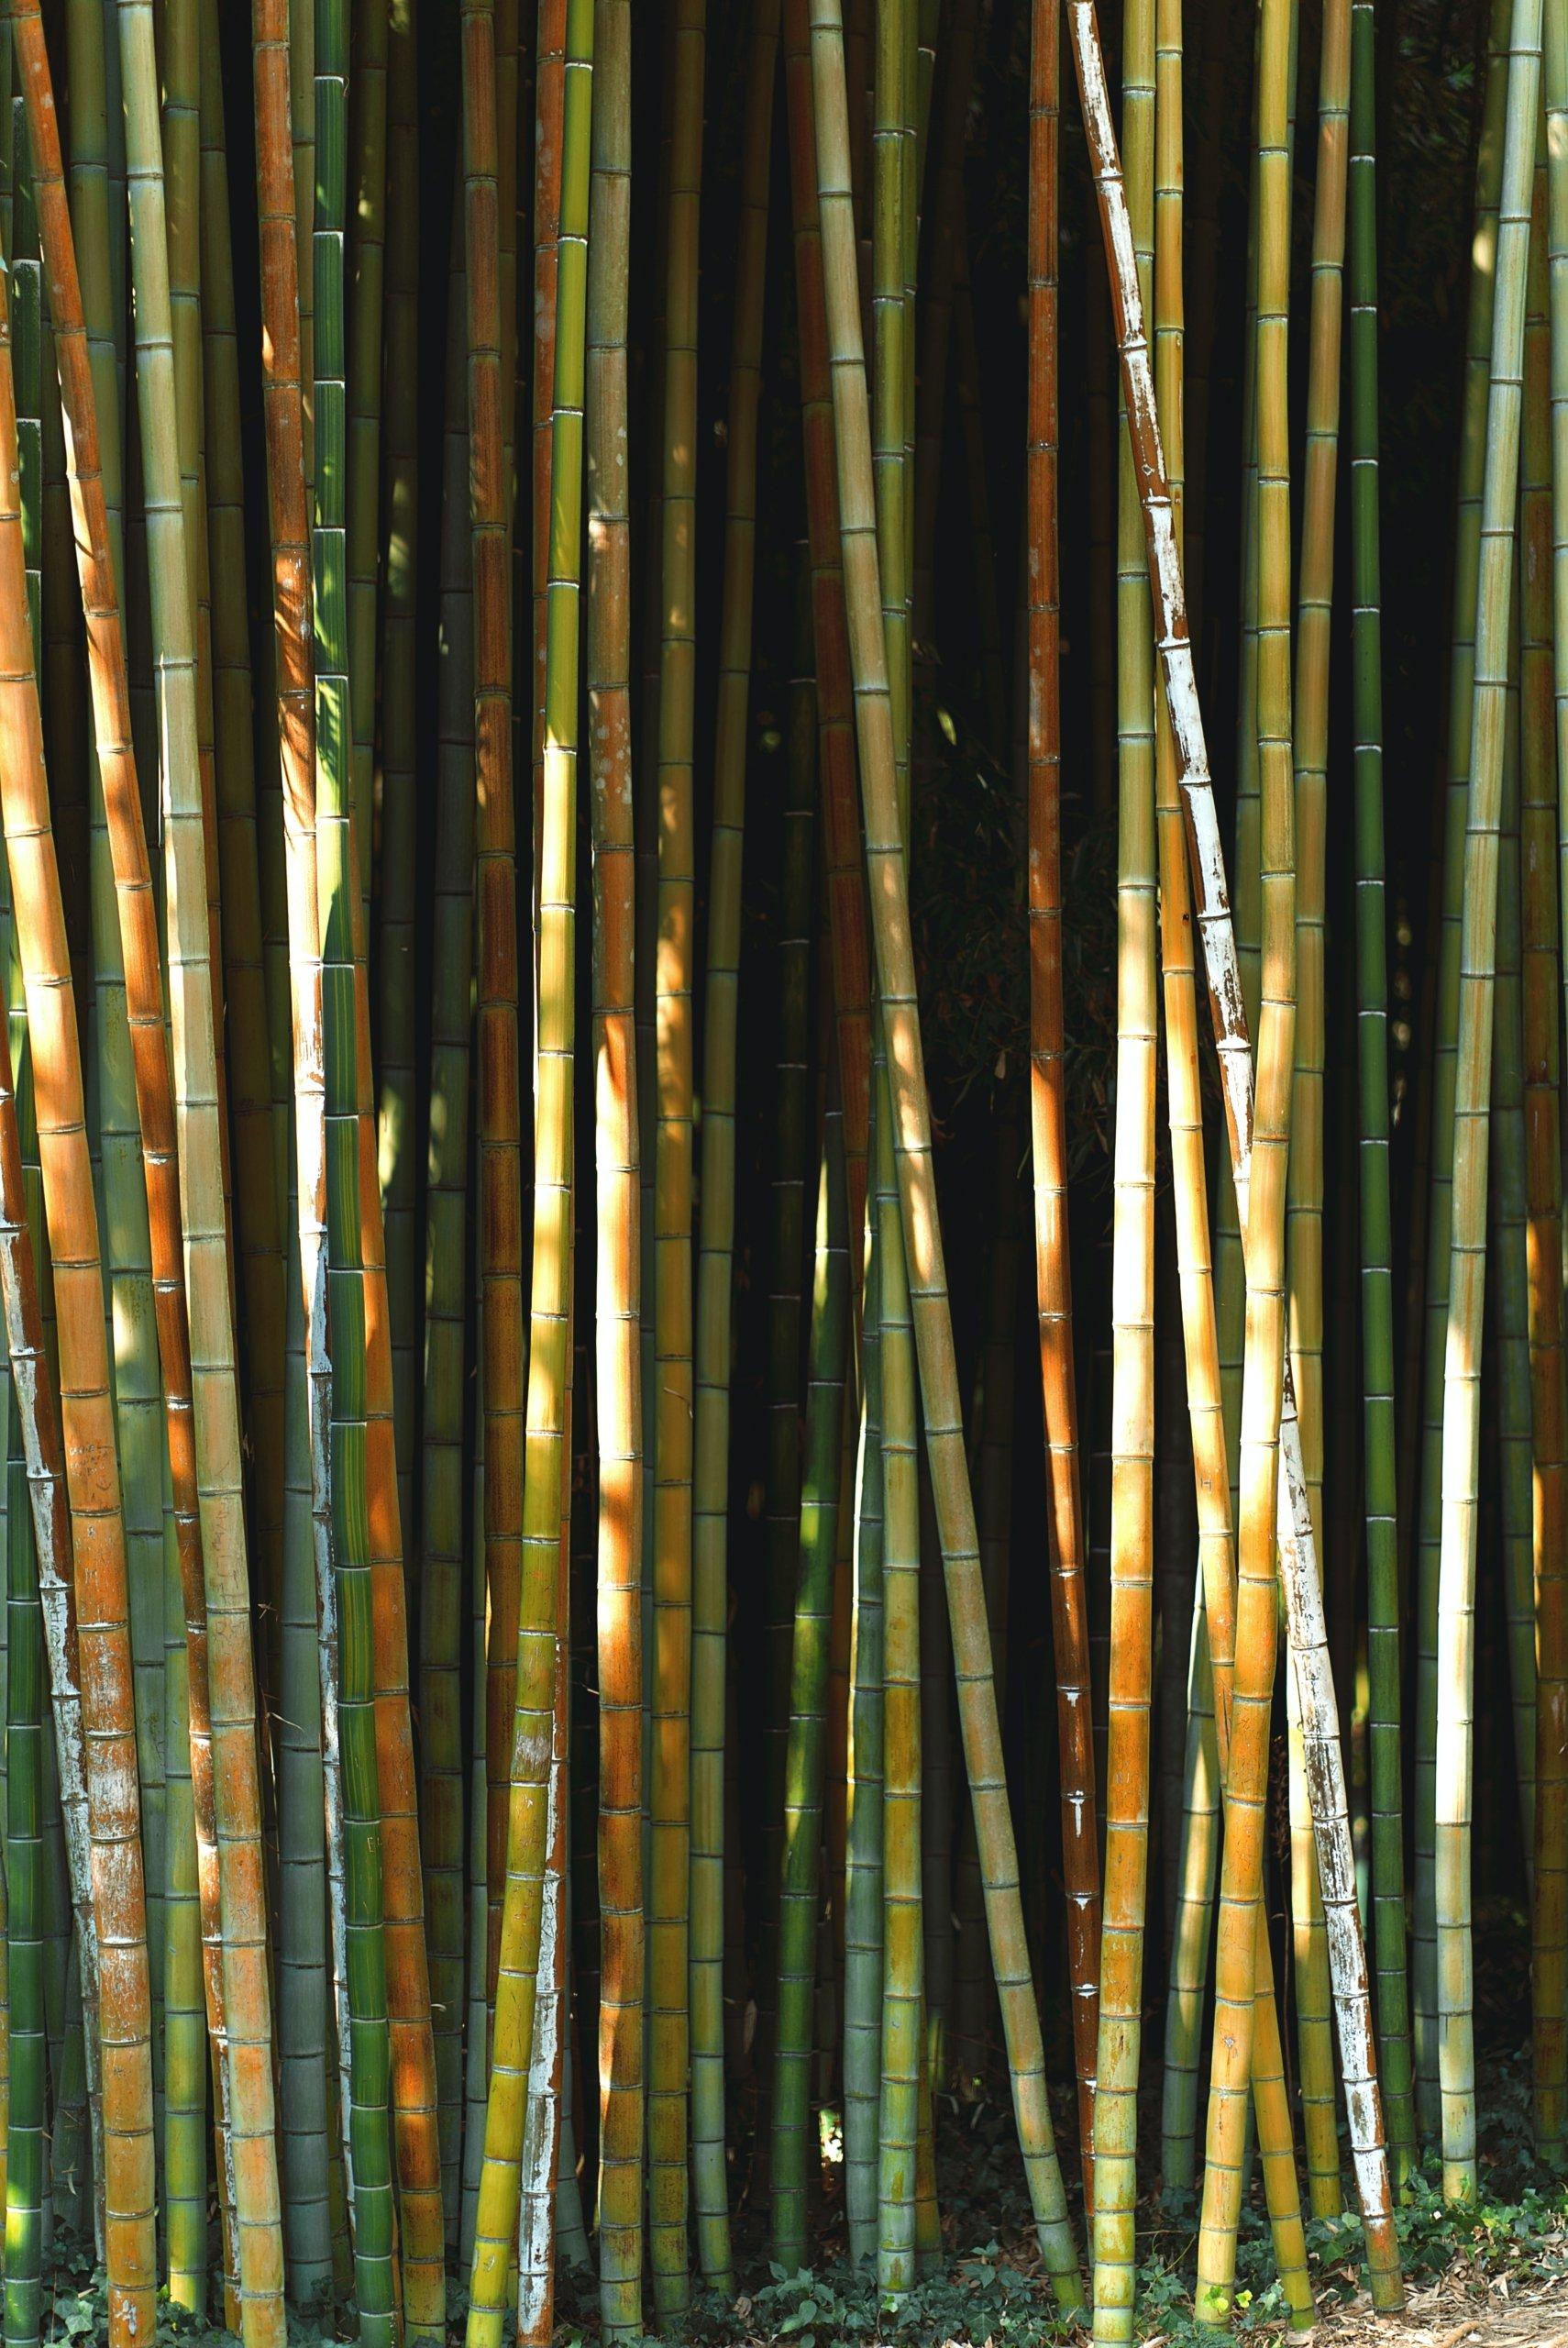 matiere-paille-en-bambou-naturel